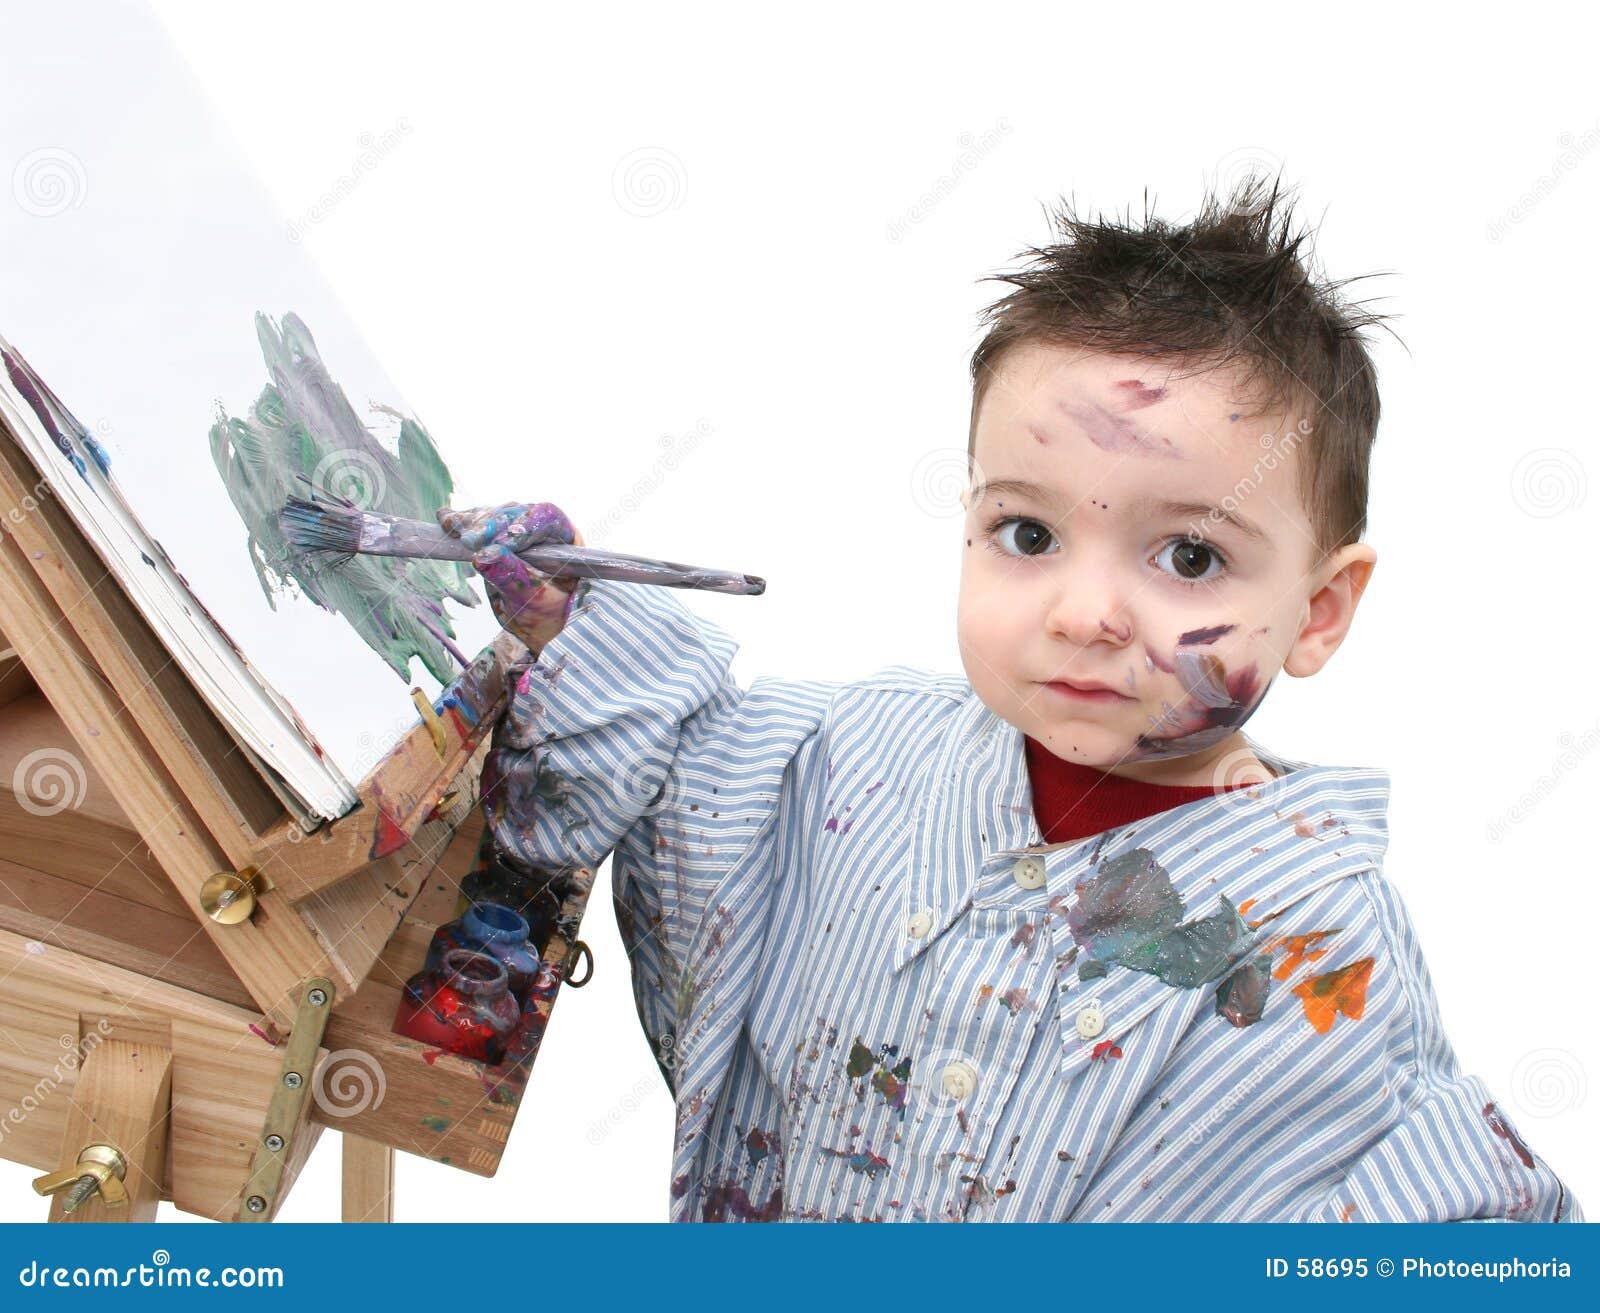 ζωγραφική παιδιών 04 αγοριών